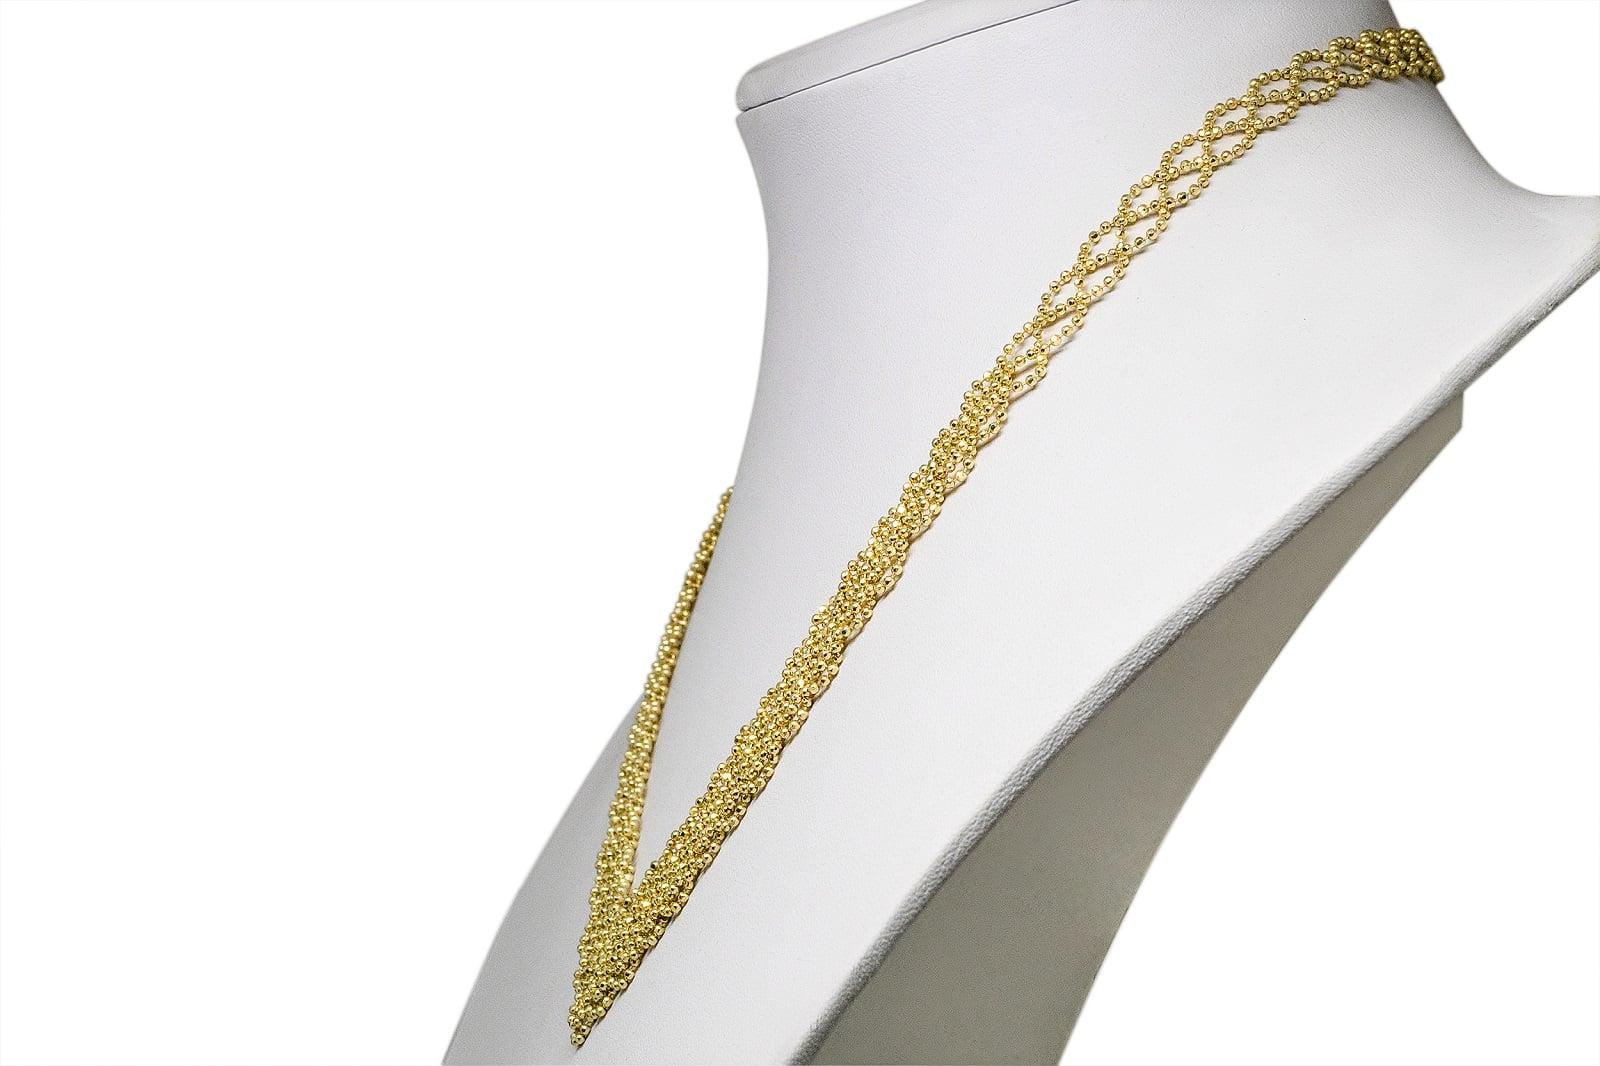 שרשרת זהב לאשה שרשרת זהב סרוגה  לאשה שרשראות זהב לנשים